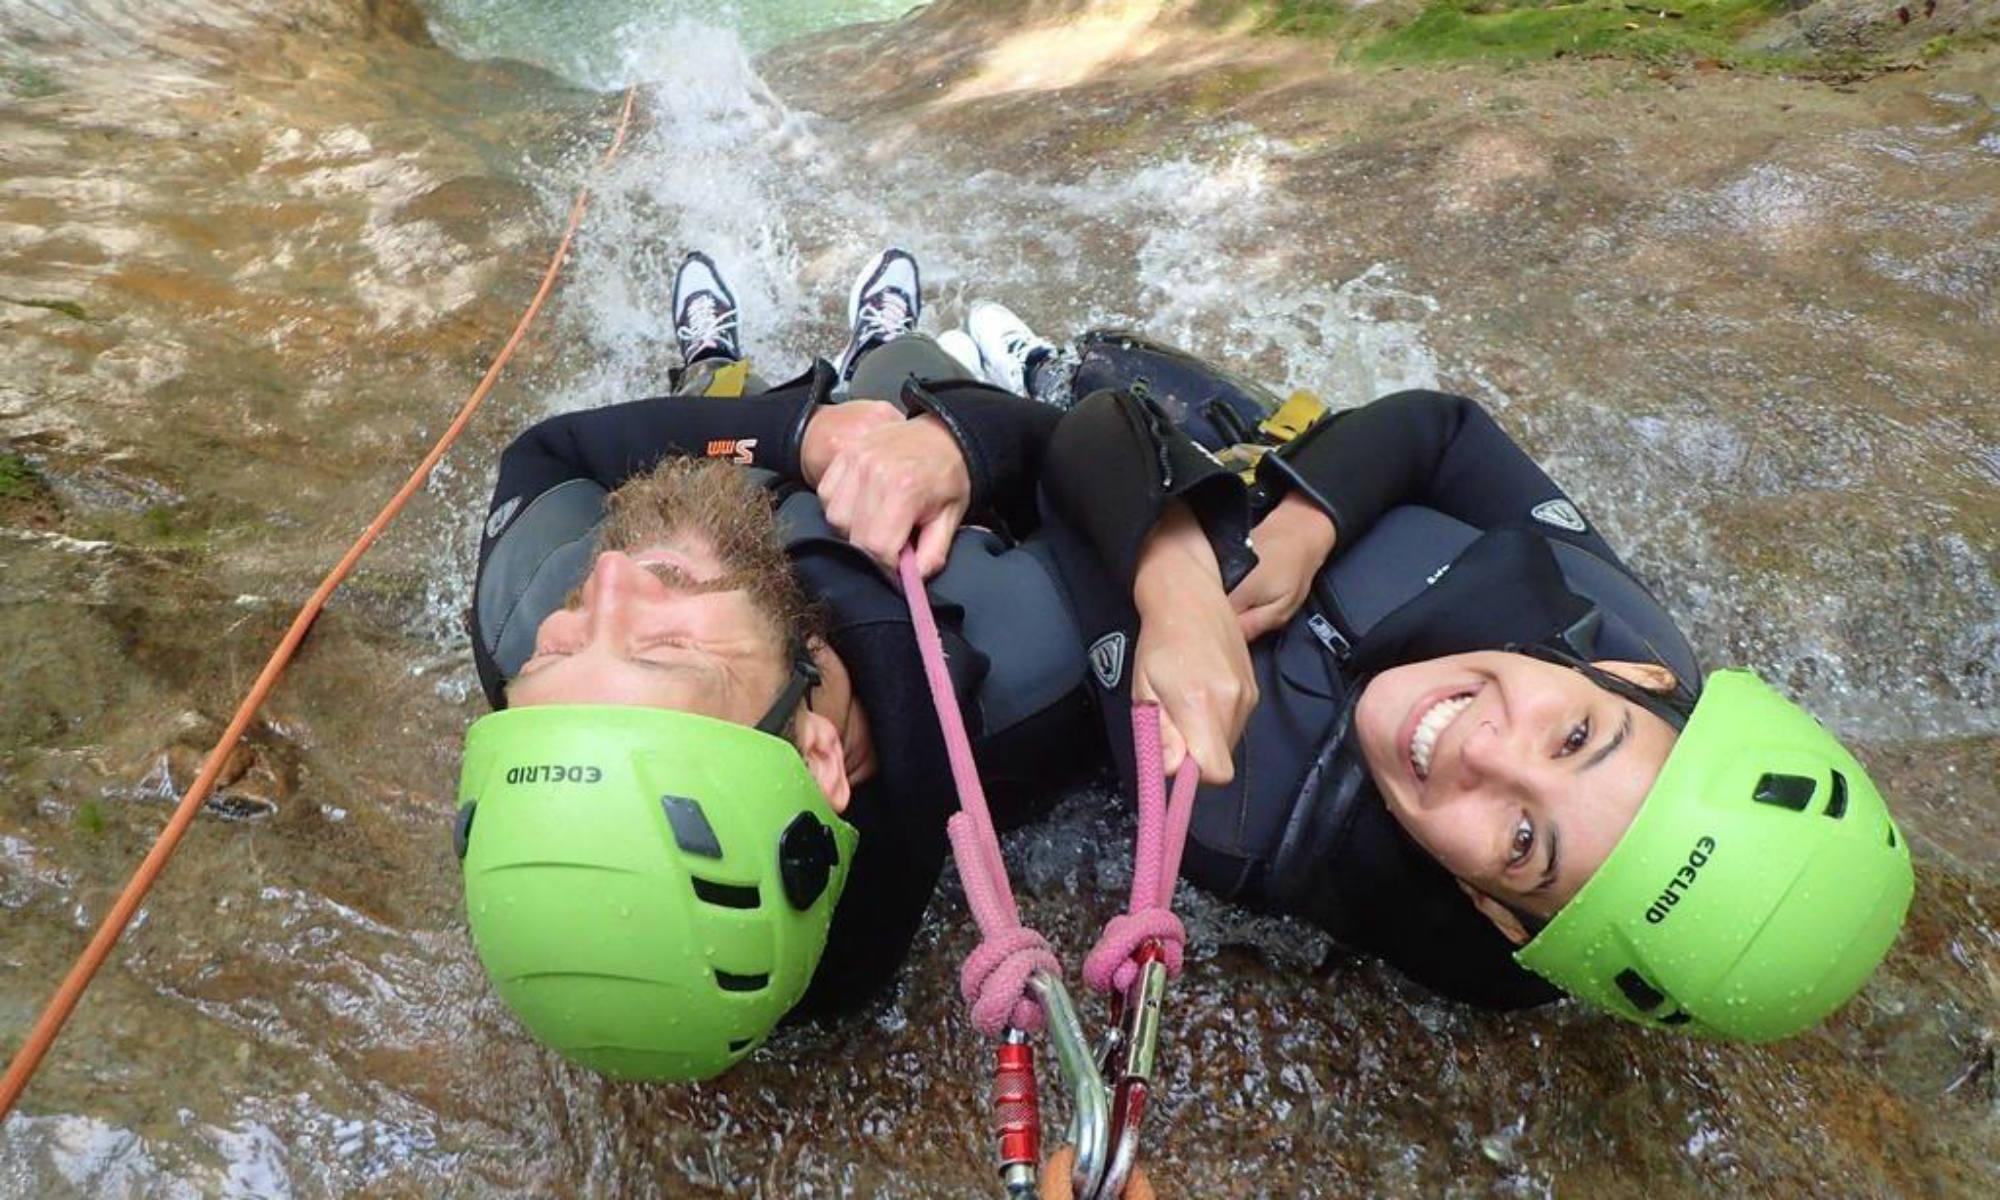 Zwei Personen seilen sich beim Canyoning am Gardasee in der Schlucht Vione an einem Wasserfall ab.